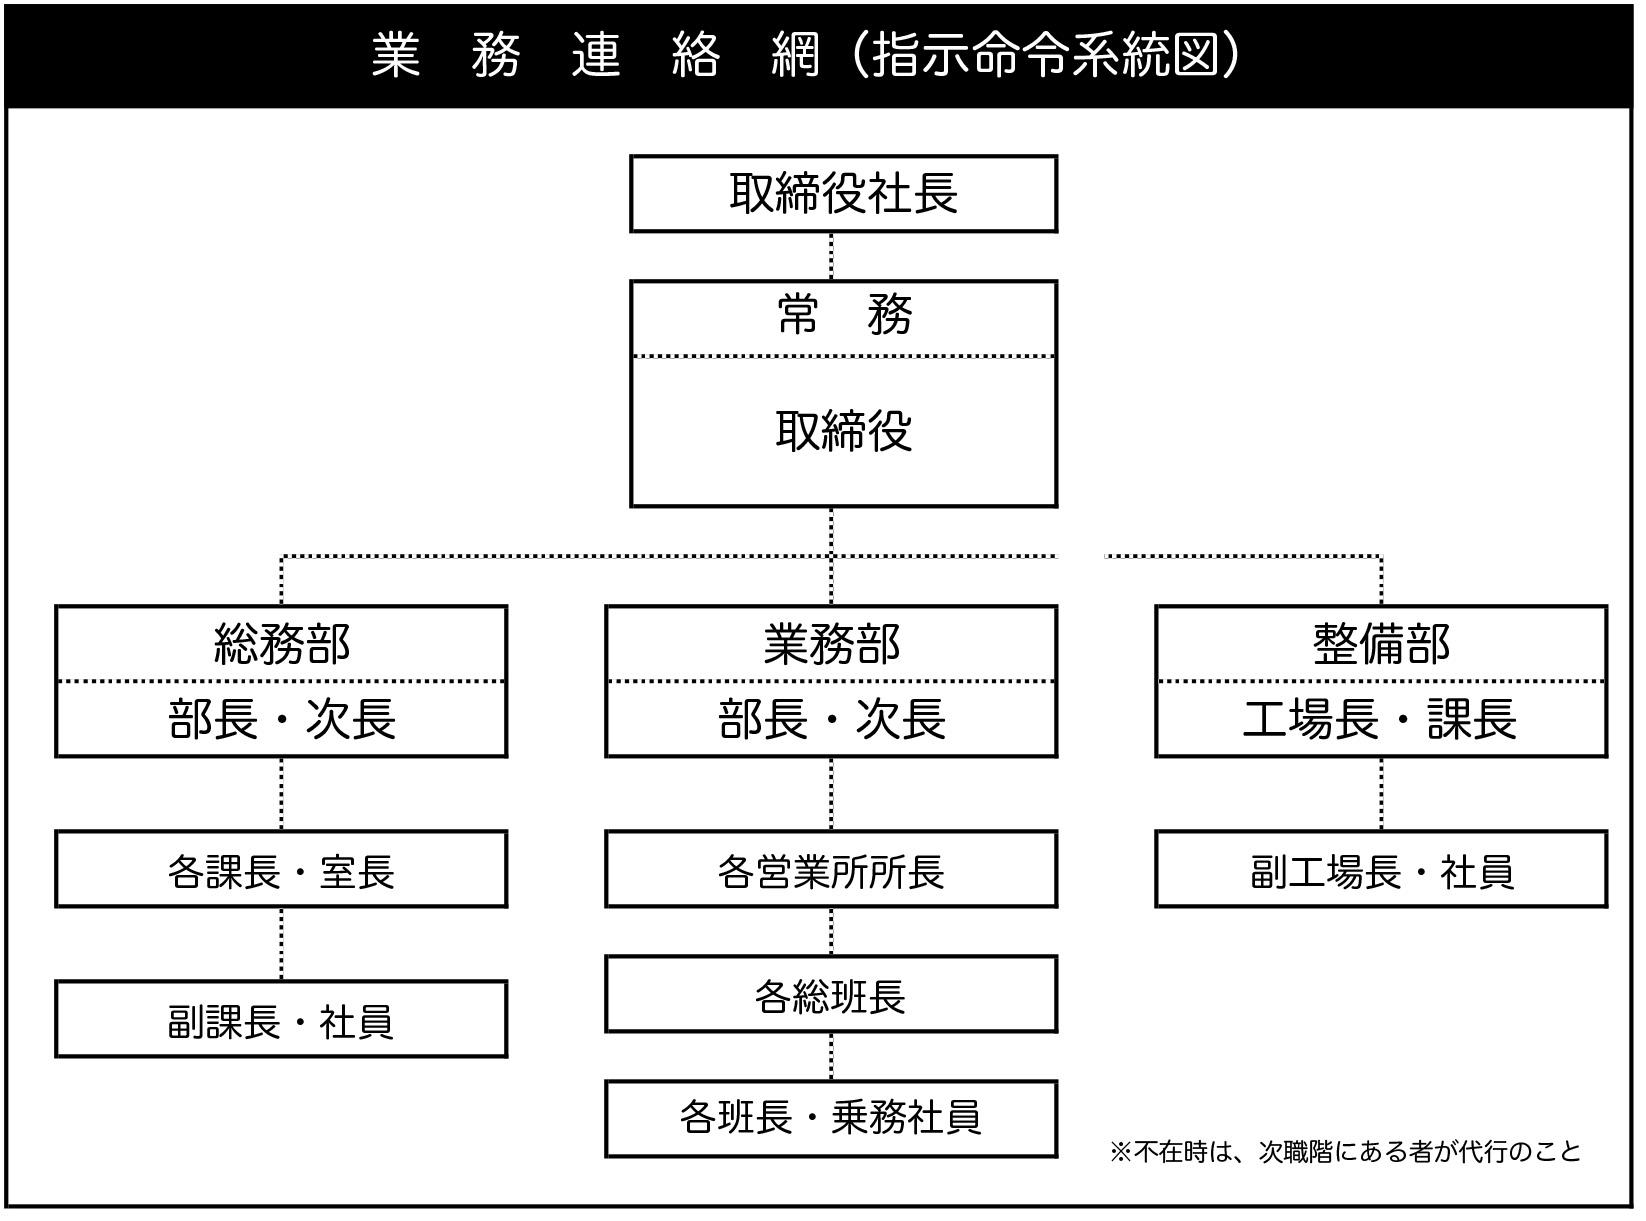 命令 系統 図